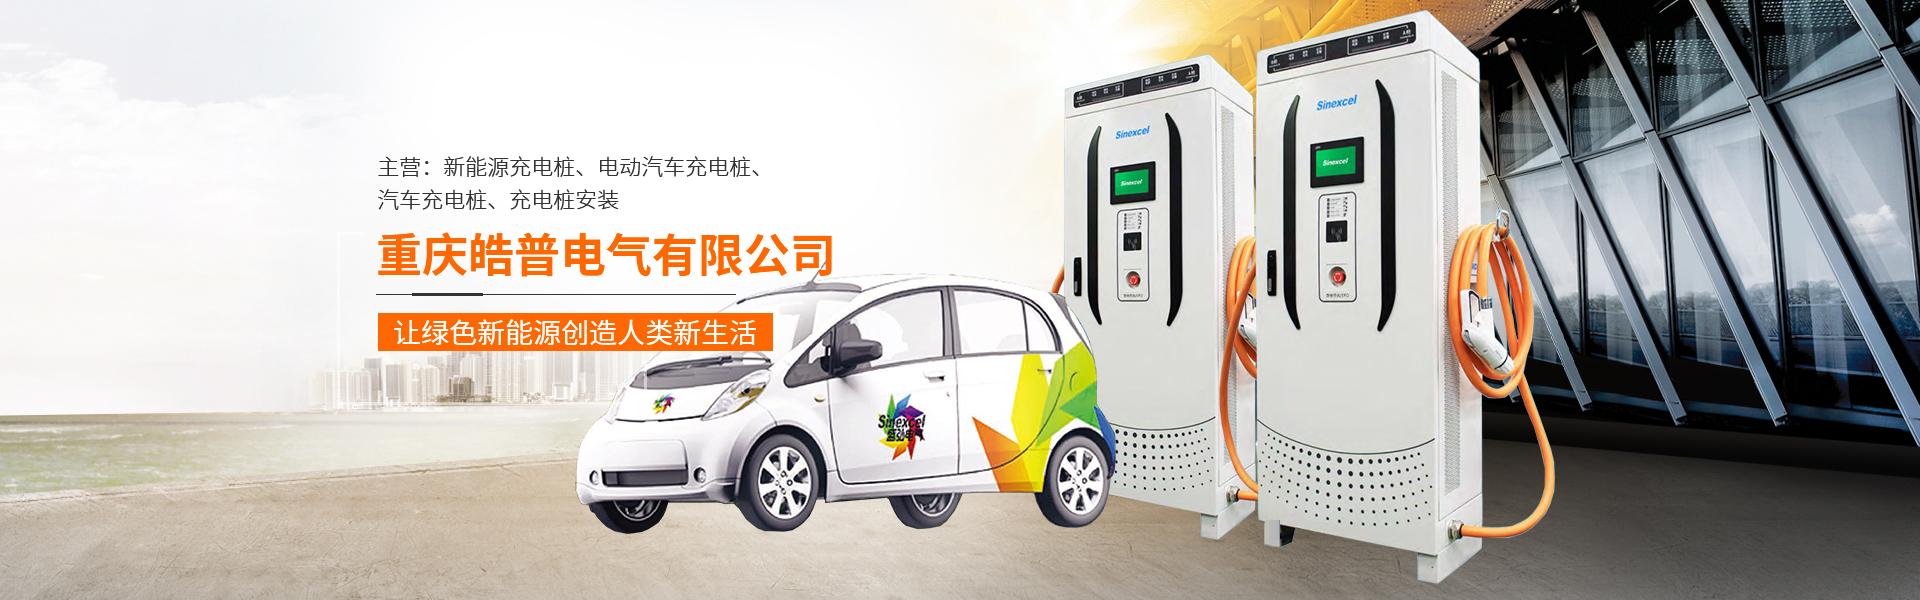 新能源汽车充电桩